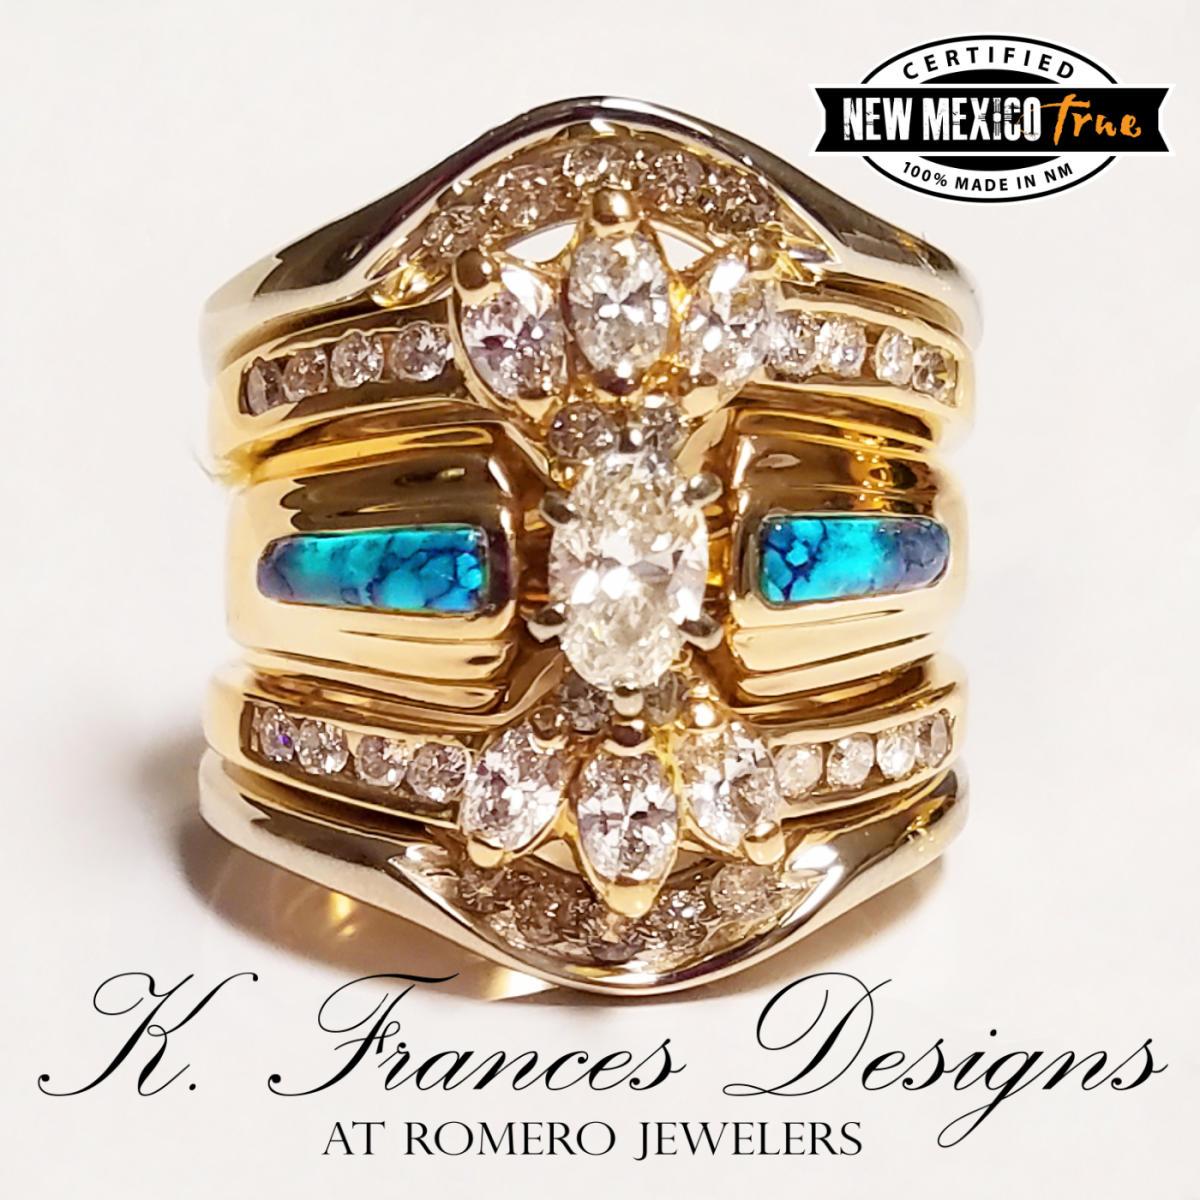 Romero Jewelers